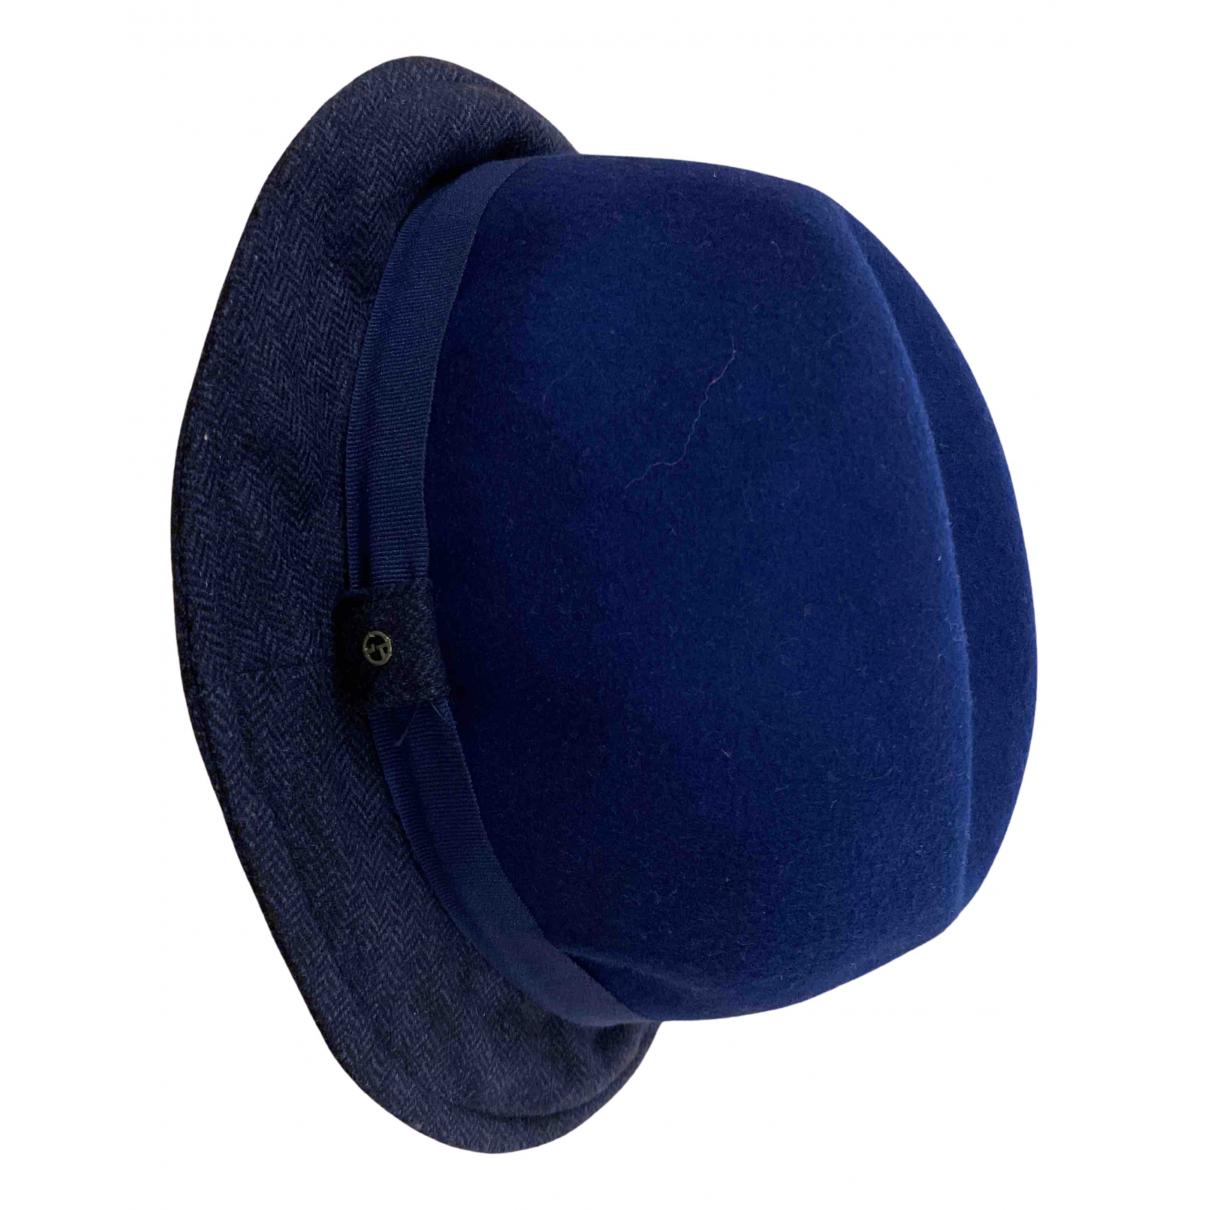 Giorgio Armani \N Hut, Muetzen in  Blau Wolle